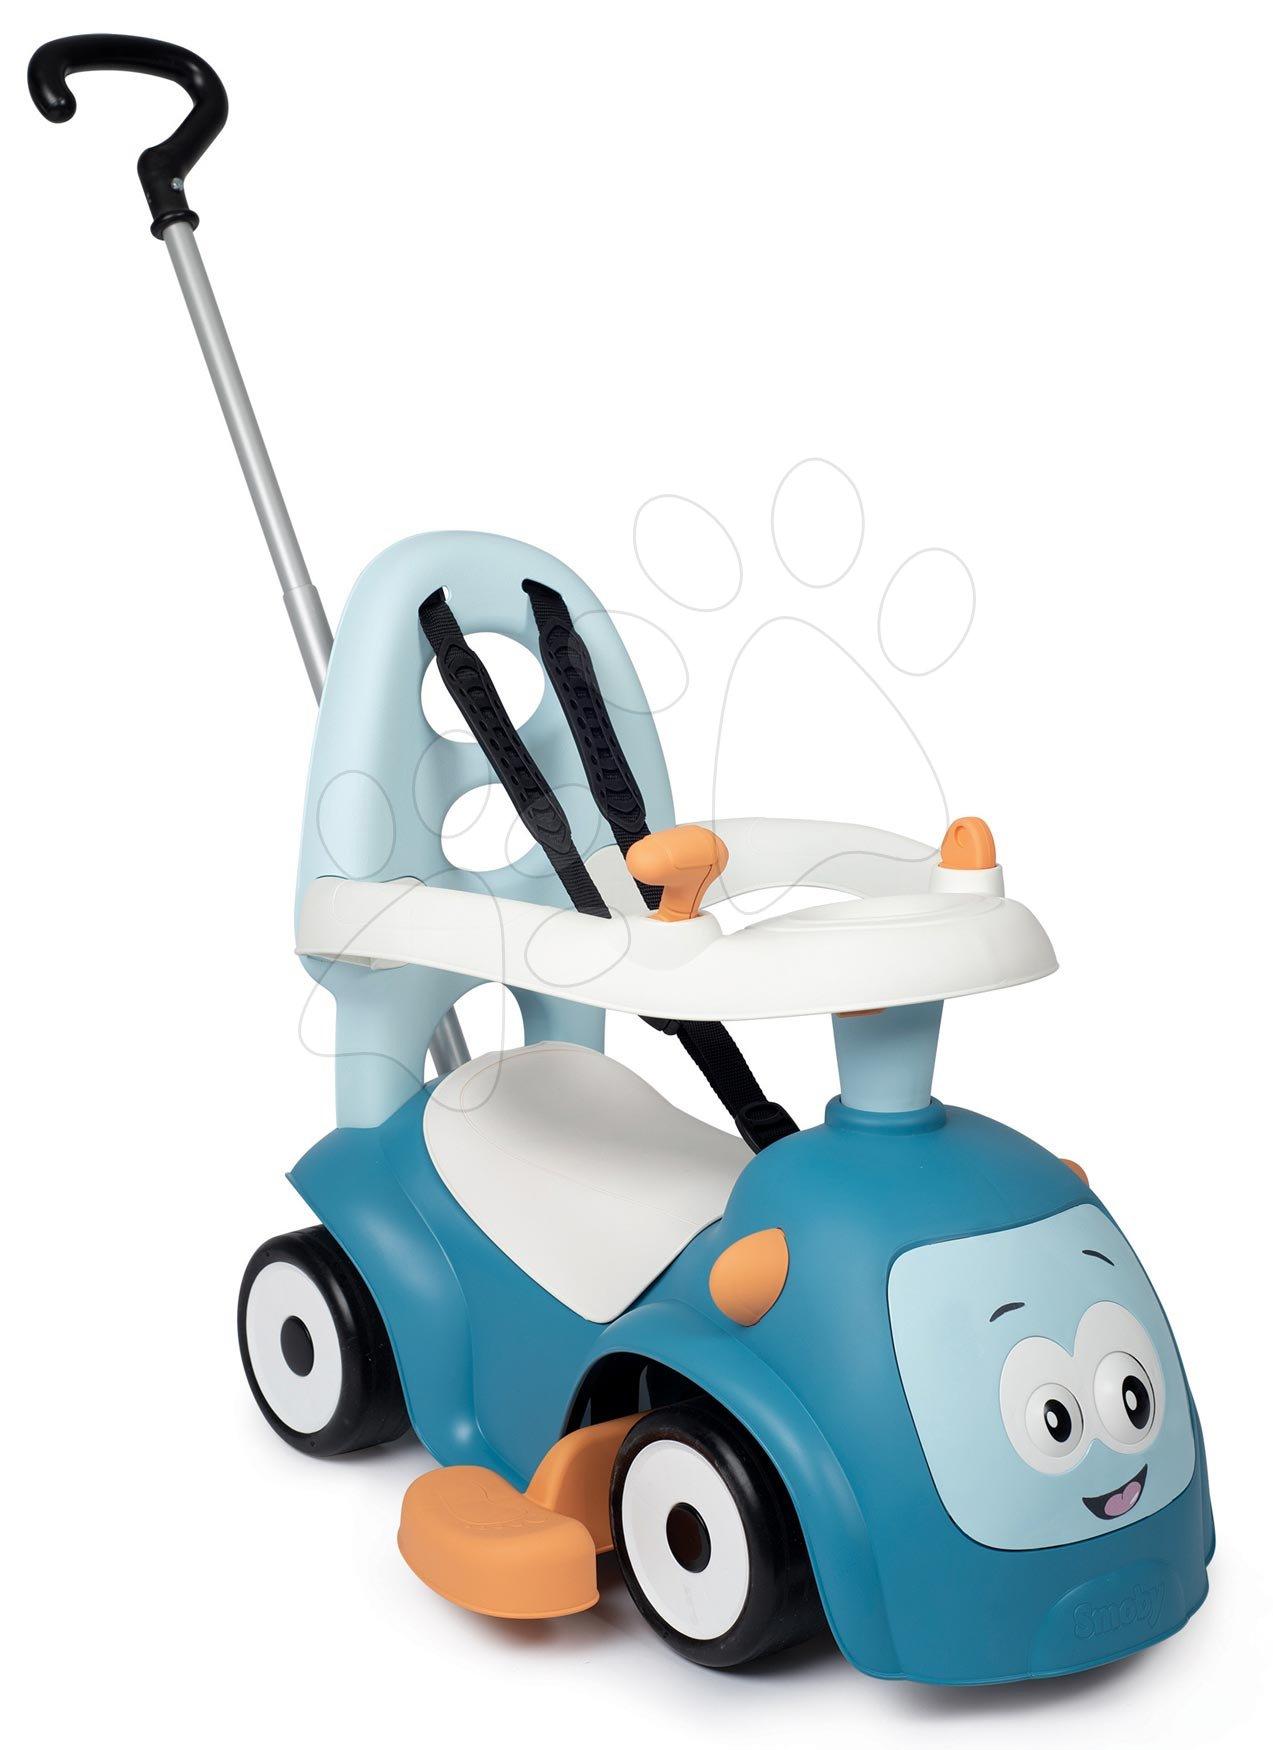 Guralice za djecu od 6 mjeseci - Guralica s dodacima Maestro Ride-On Pink 3in1 Smoby s 3 zvuka i upravljačka drška s obručem - čarobne oči od 6 mjes